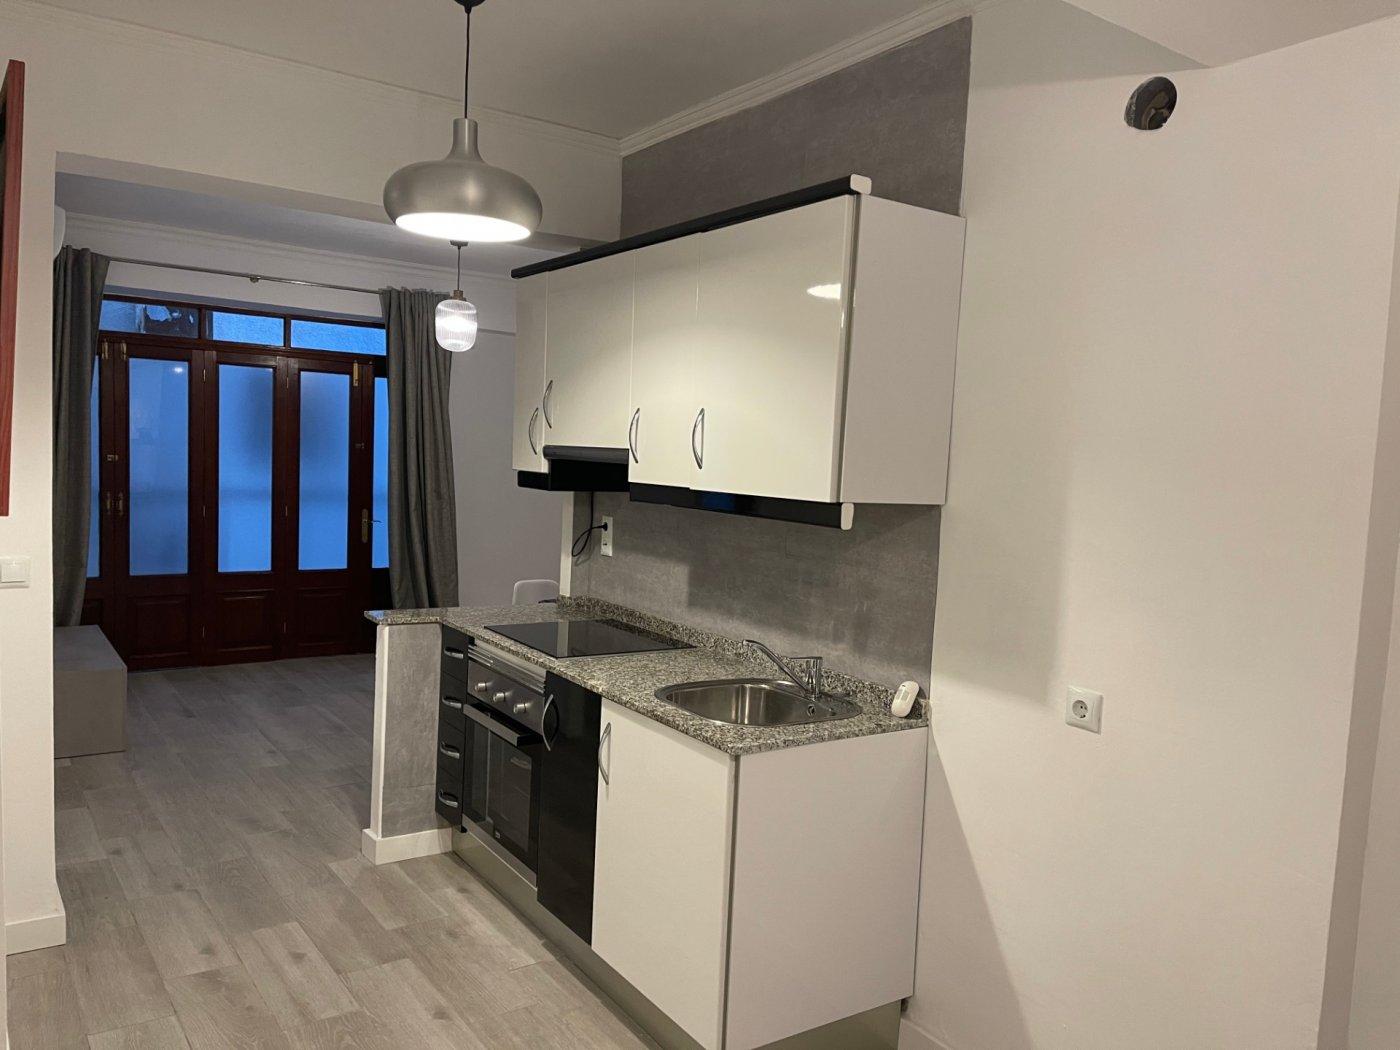 Apartamento a la venta en el arenal, llucmajor - imagenInmueble6